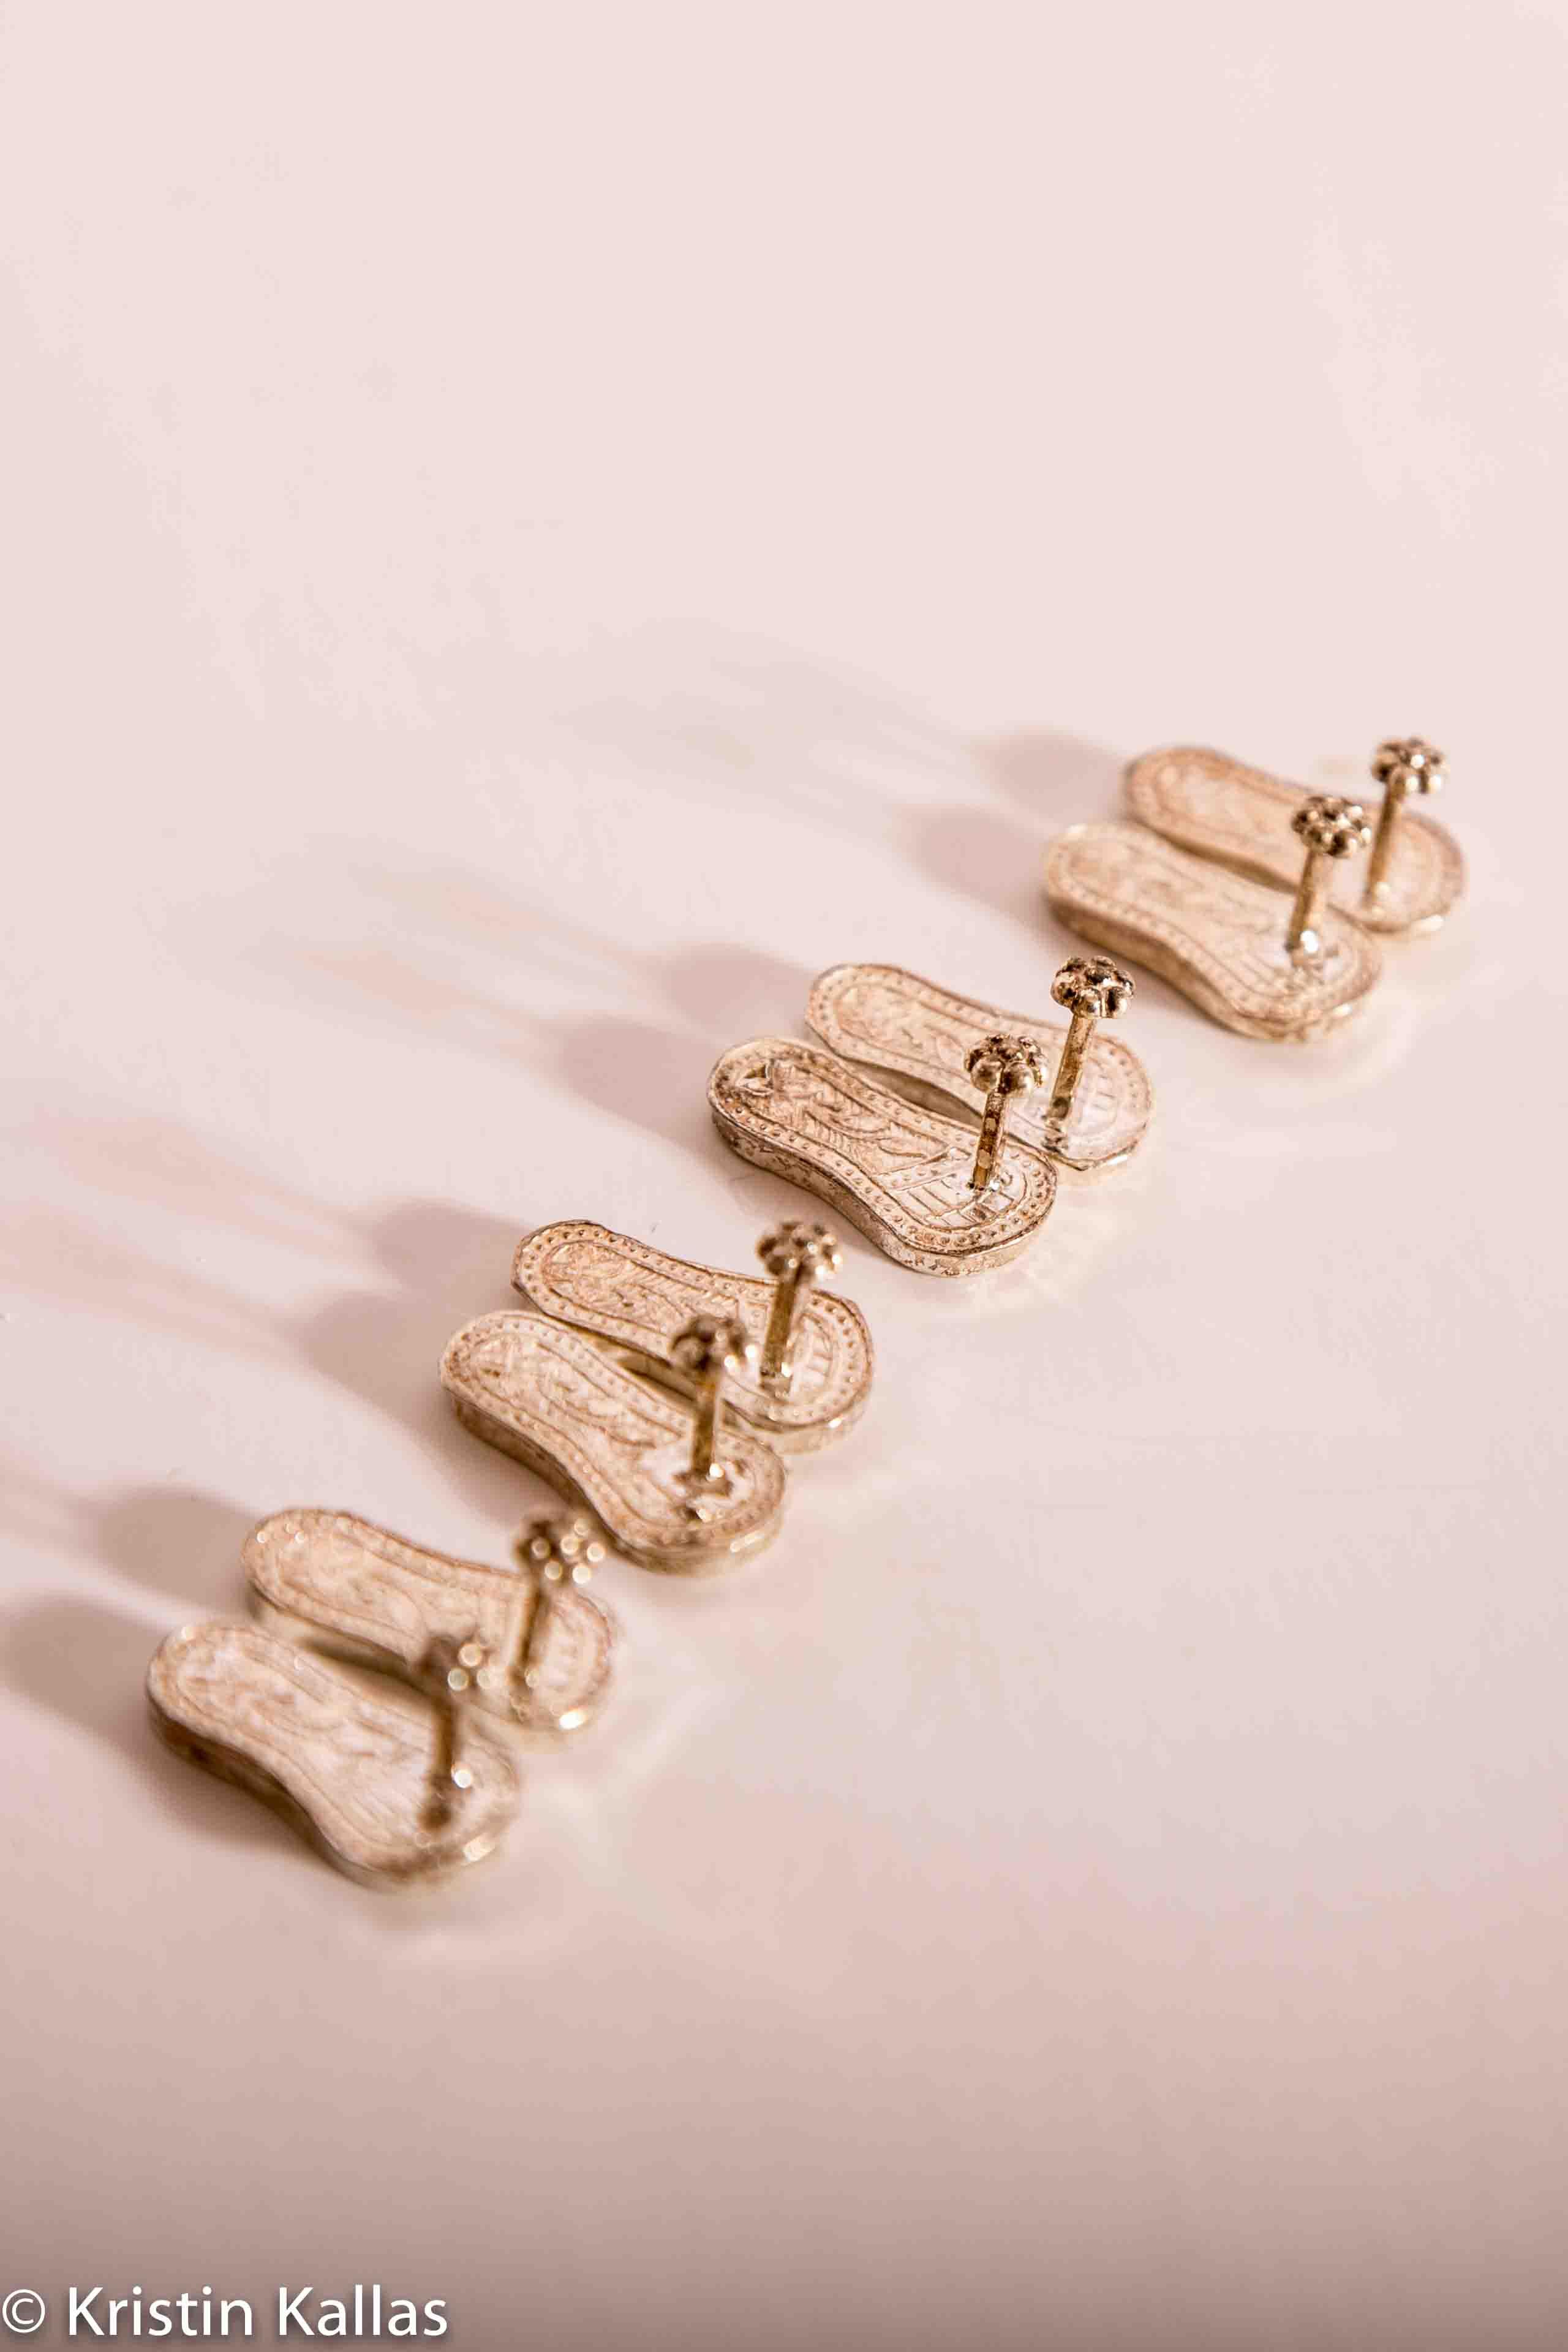 Schuhe für Bildgestalten aus Silber